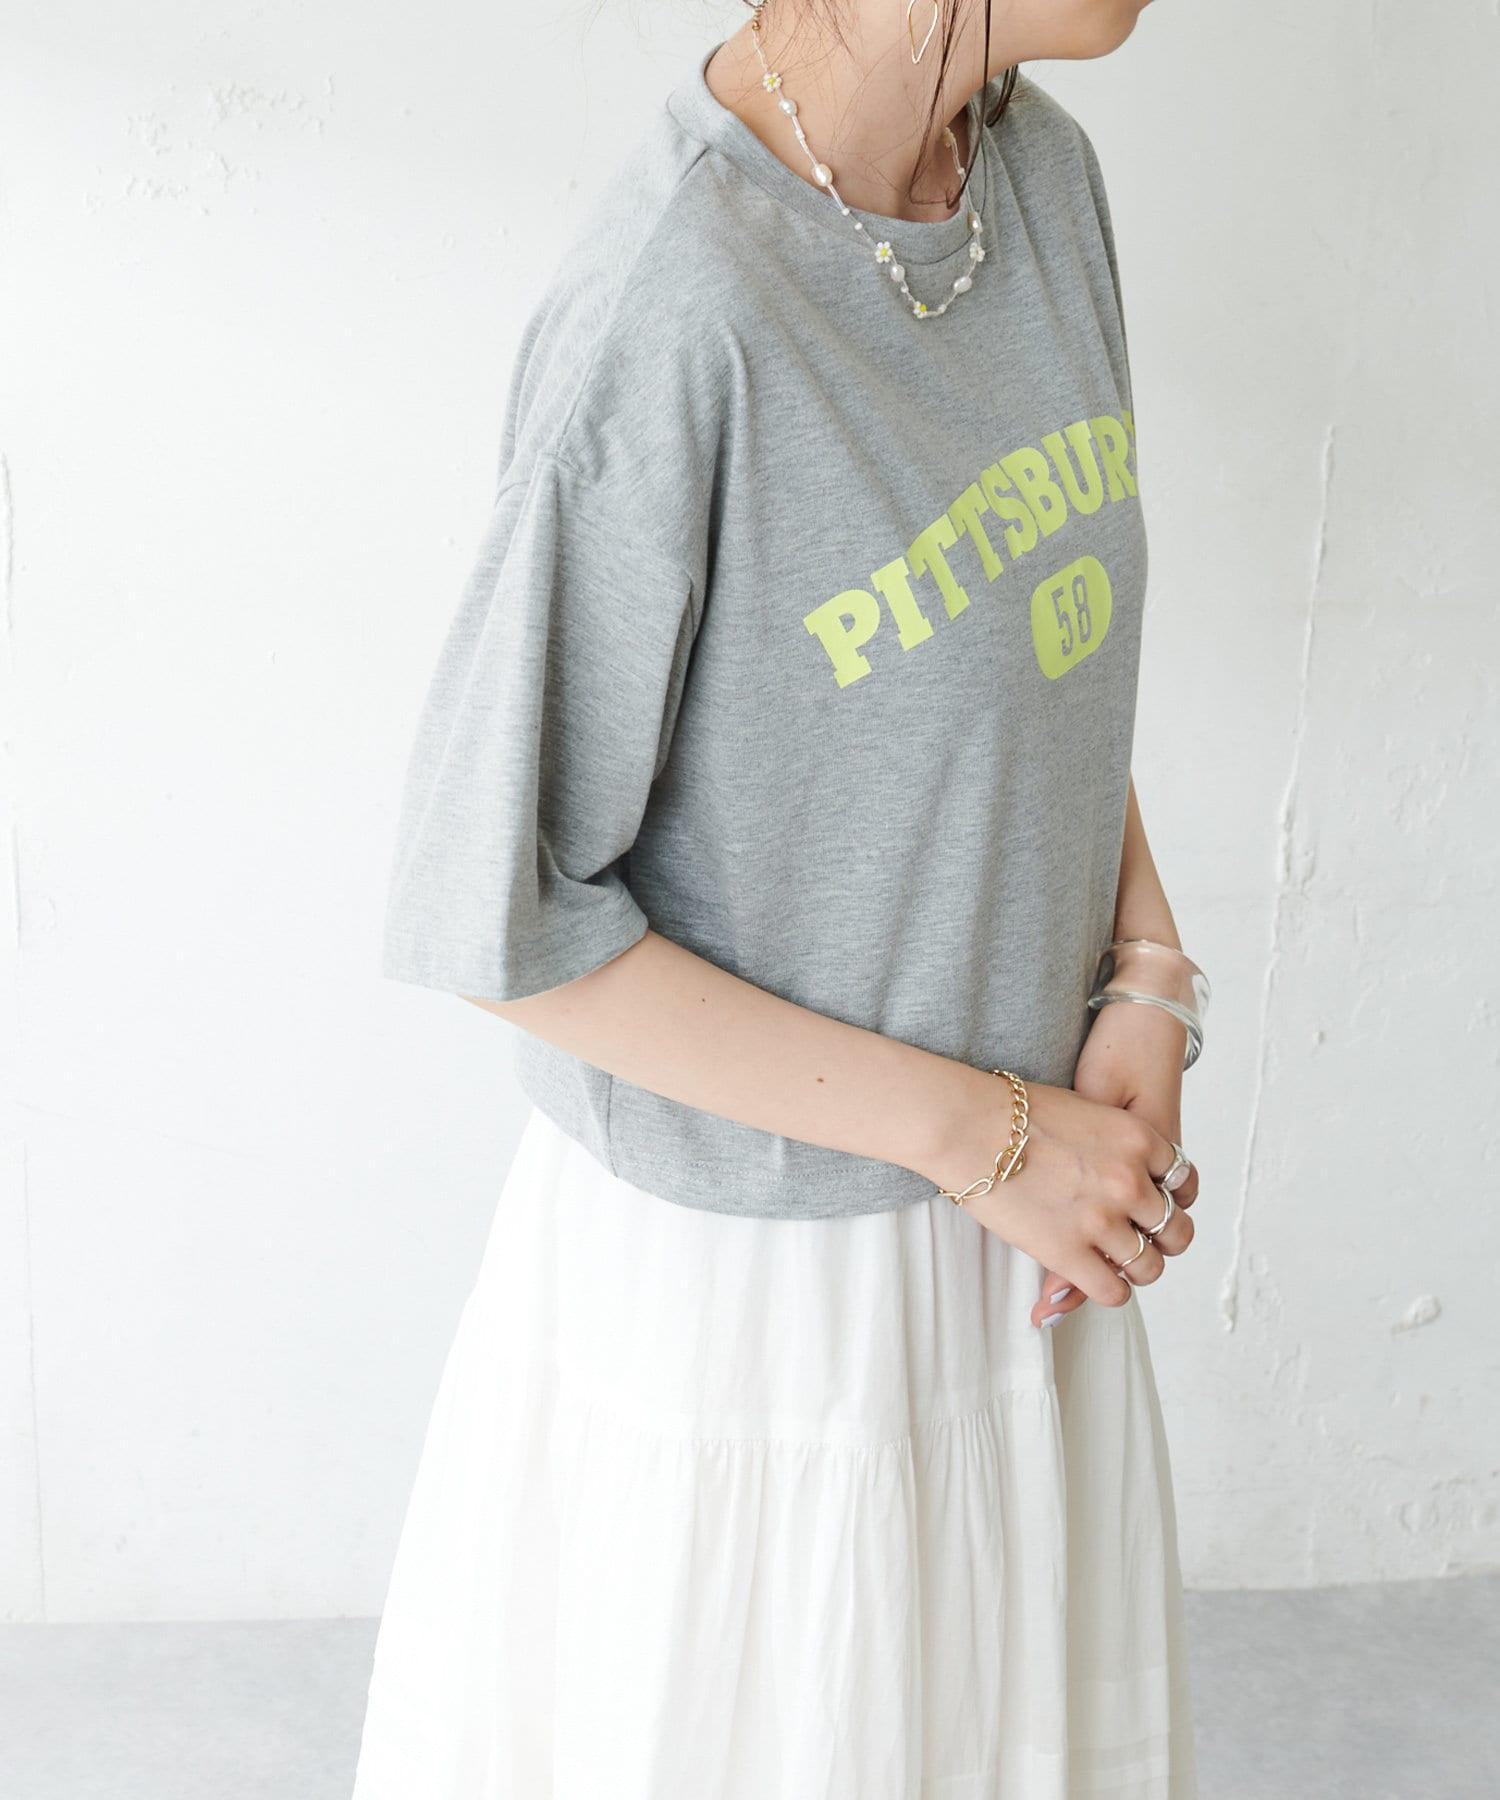 Discoat(ディスコート) 【WEB限定】カレッジロゴTシャツ